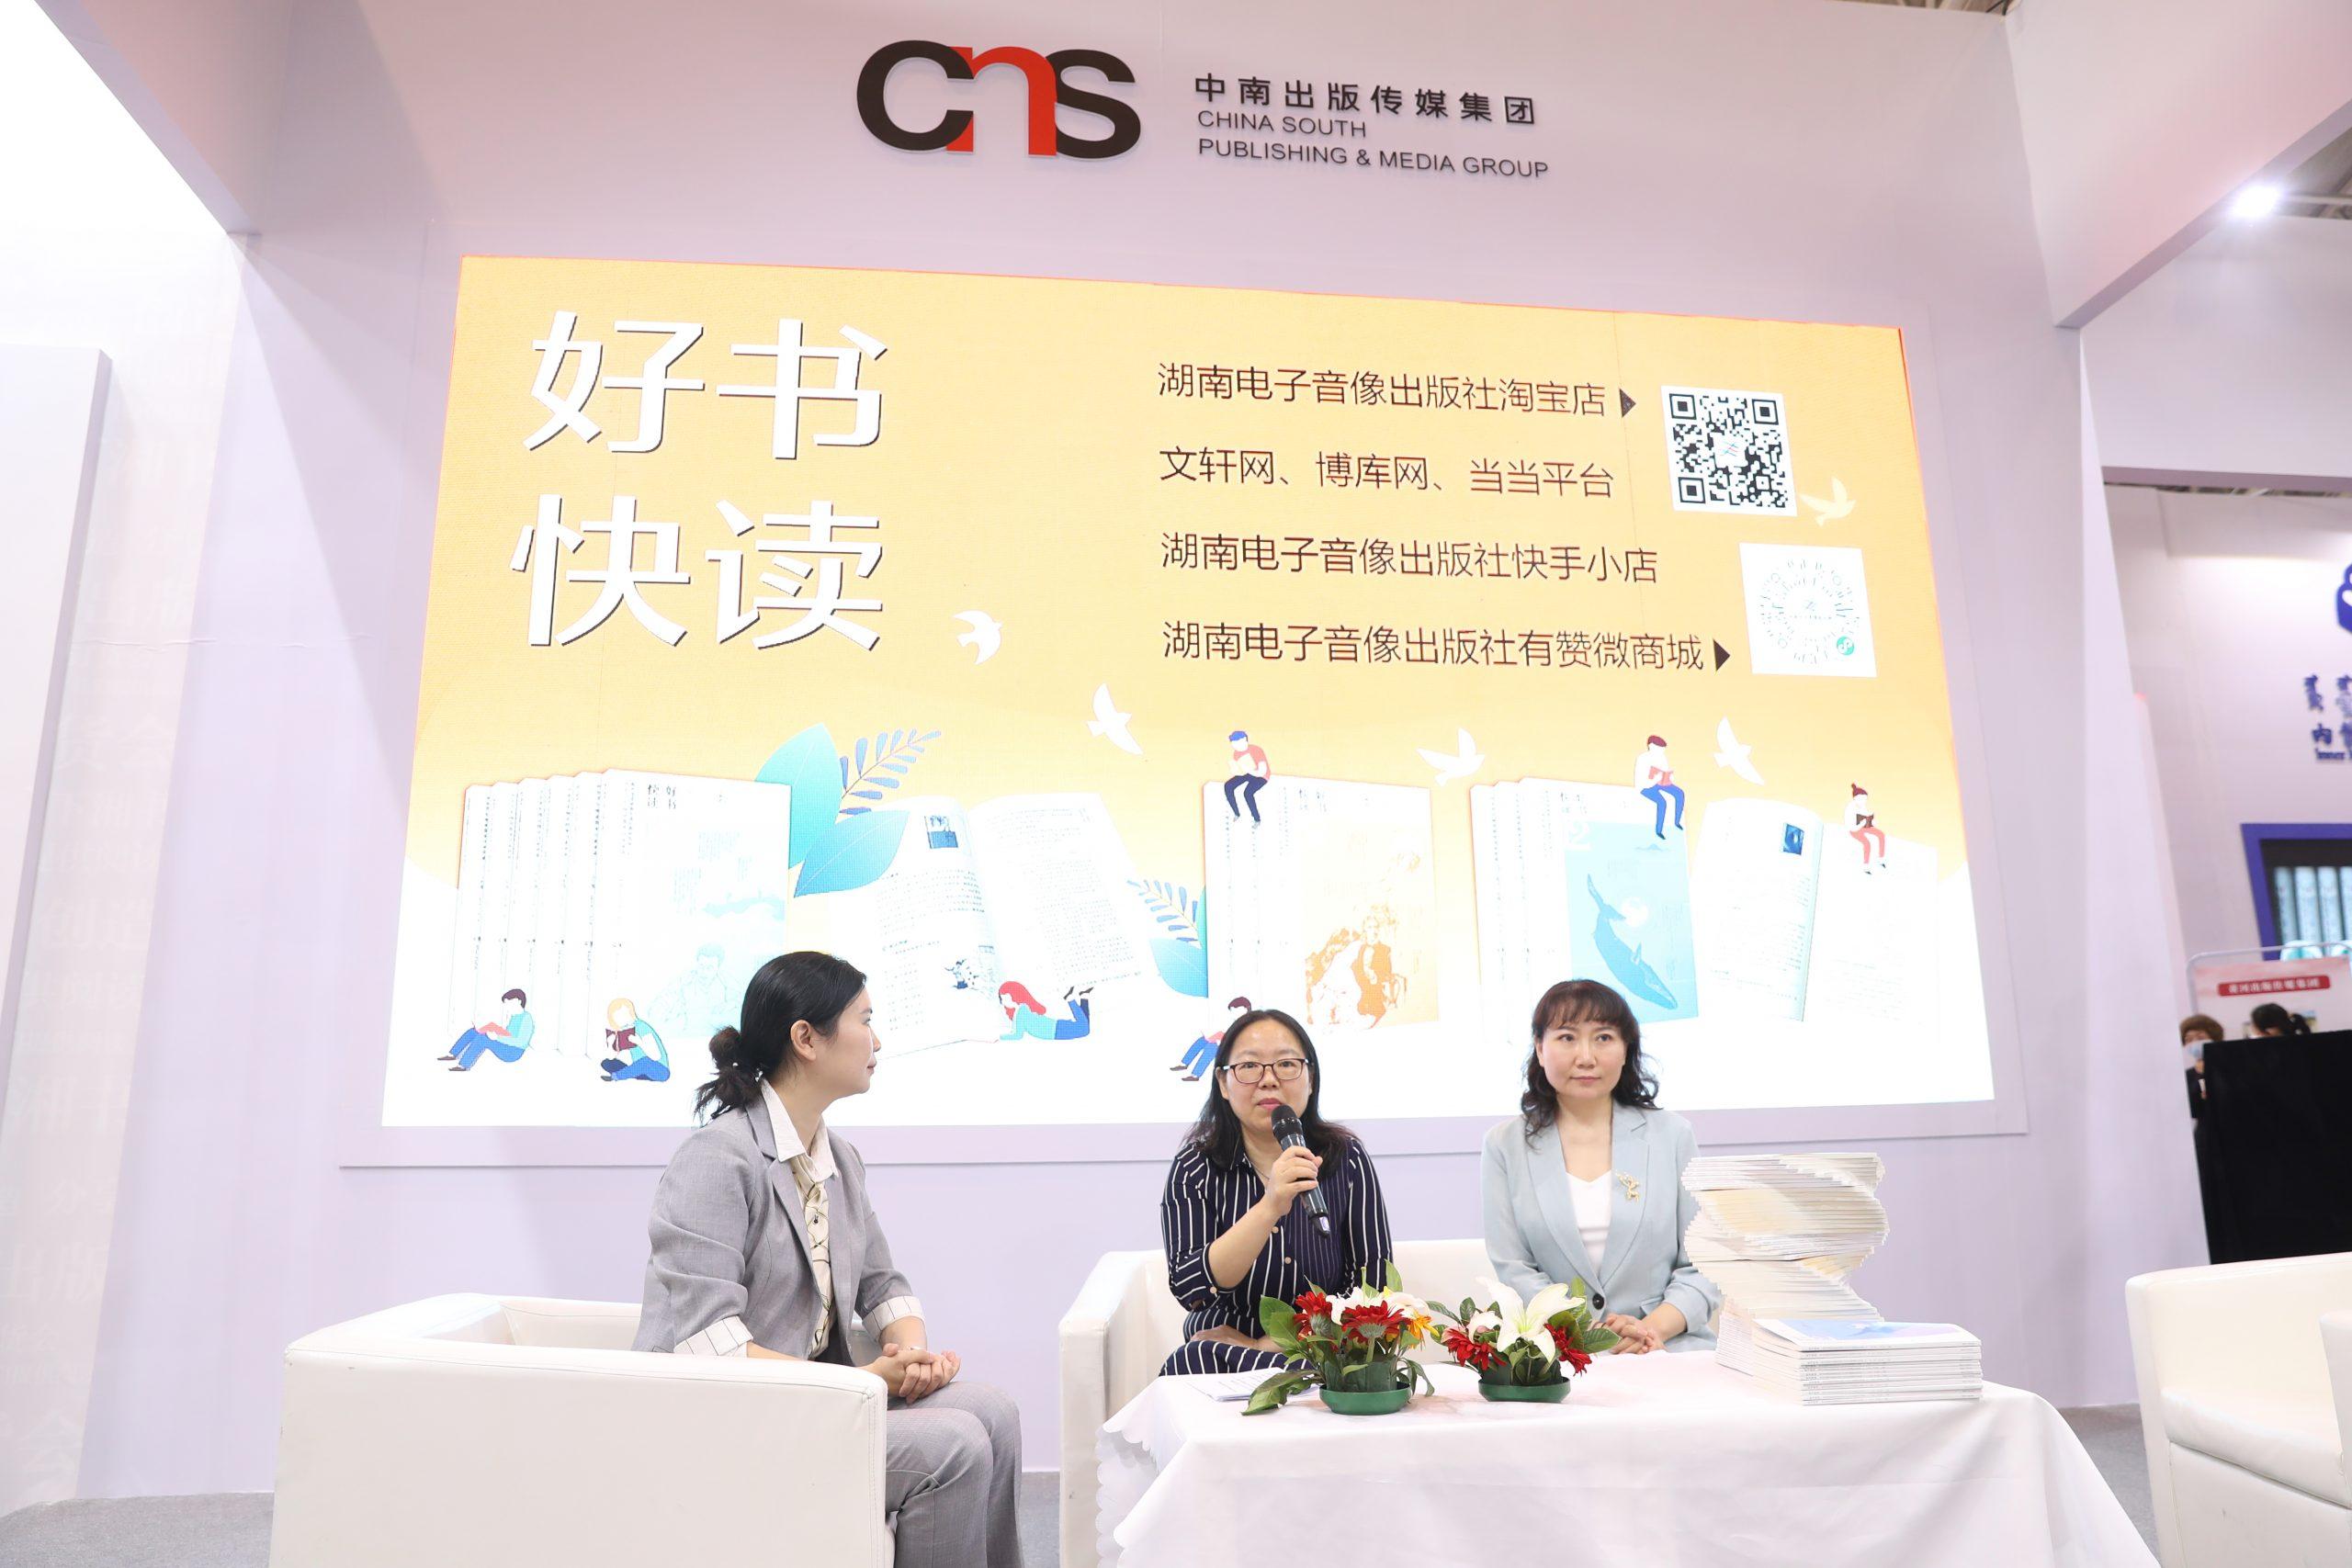 湖南电音社《好书快读》亮相订货会,将300本好书精华浓缩于12册图书-出版人杂志官网